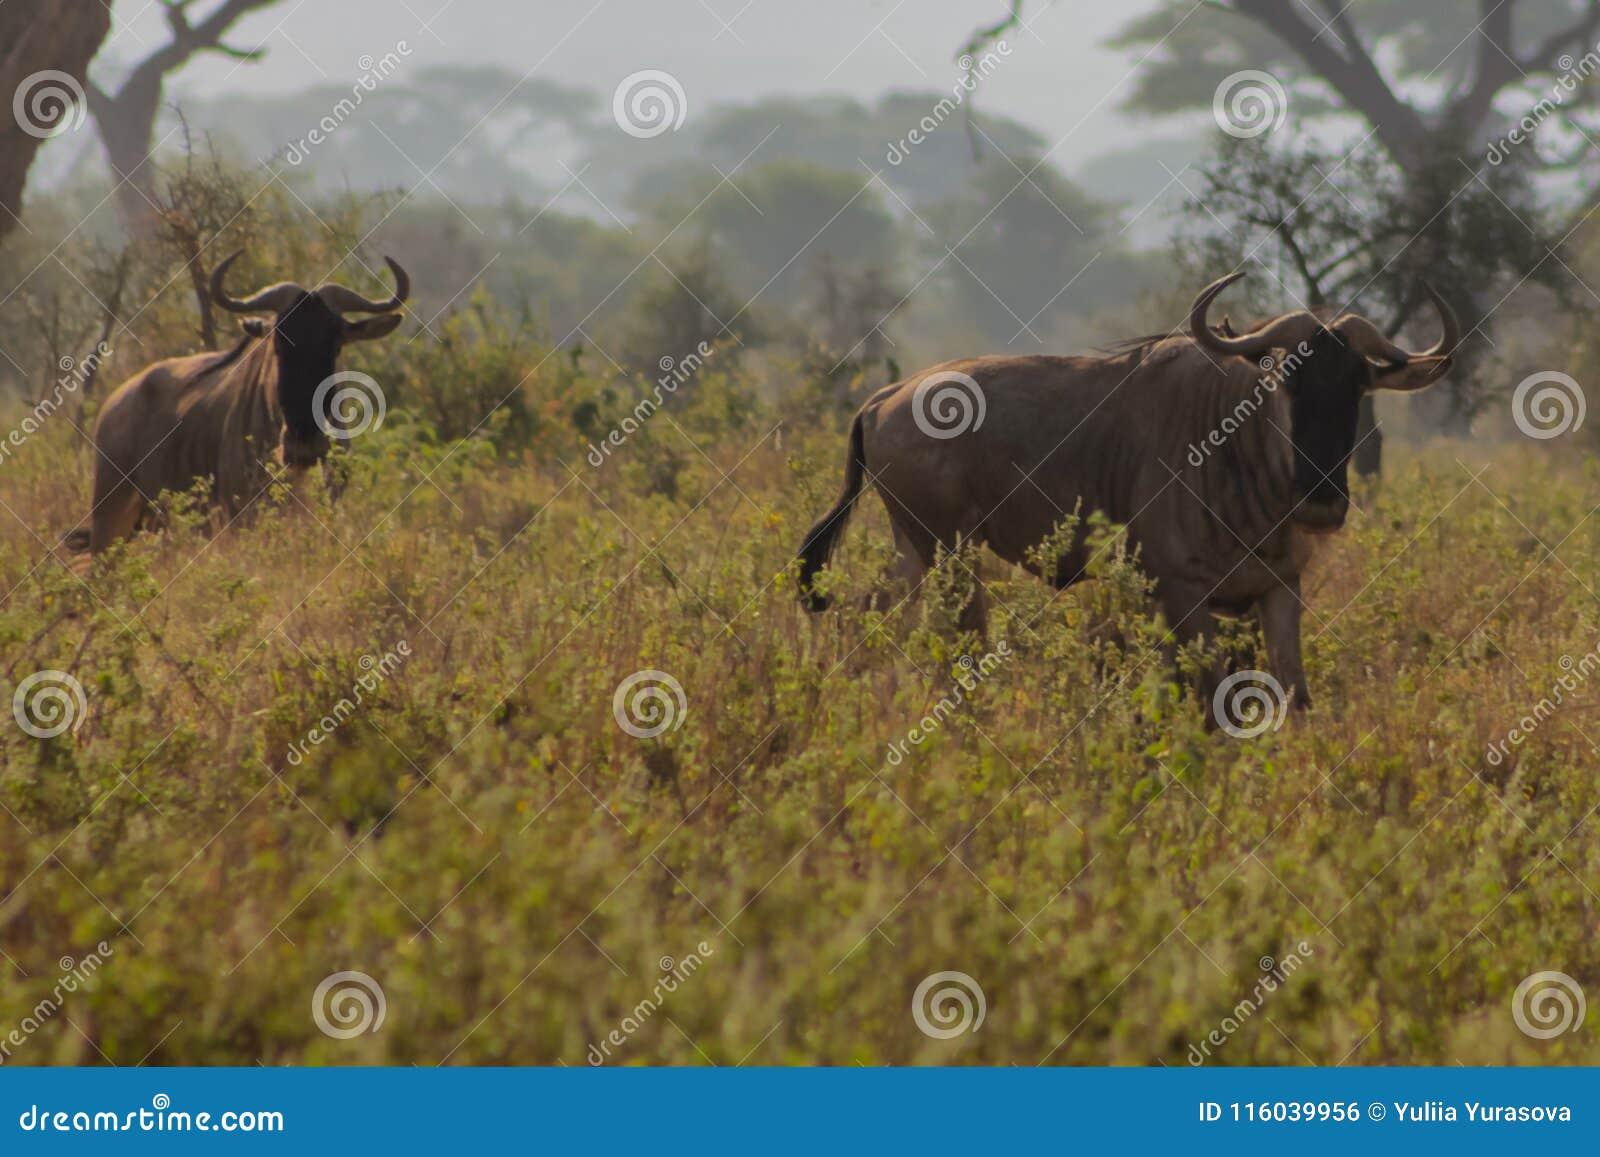 Antílope del ñu en naturaleza salvaje de la sabana de África